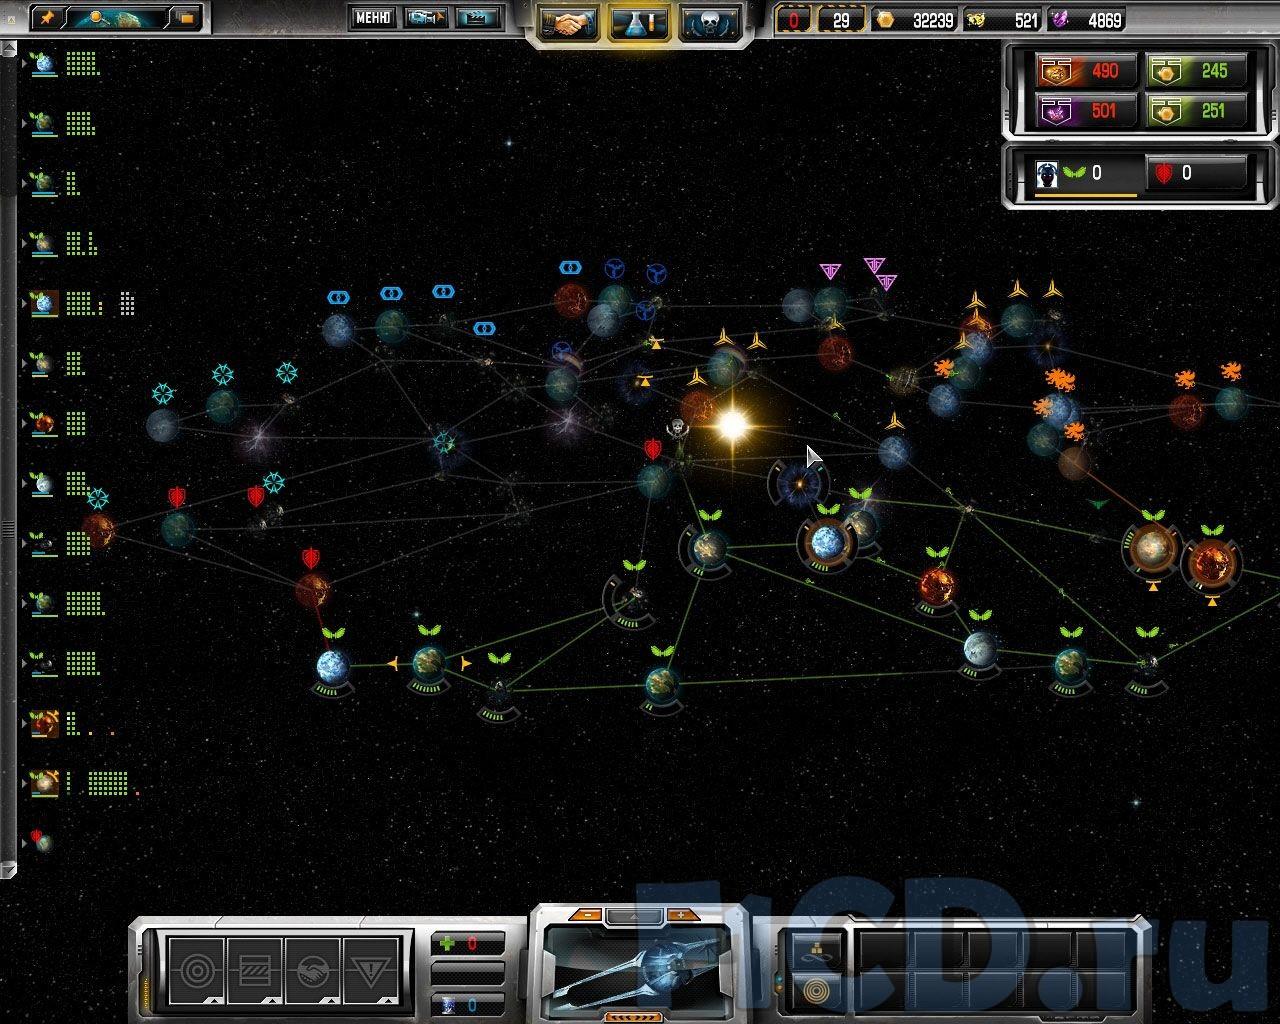 Sins of a solar empire rebellion win xp